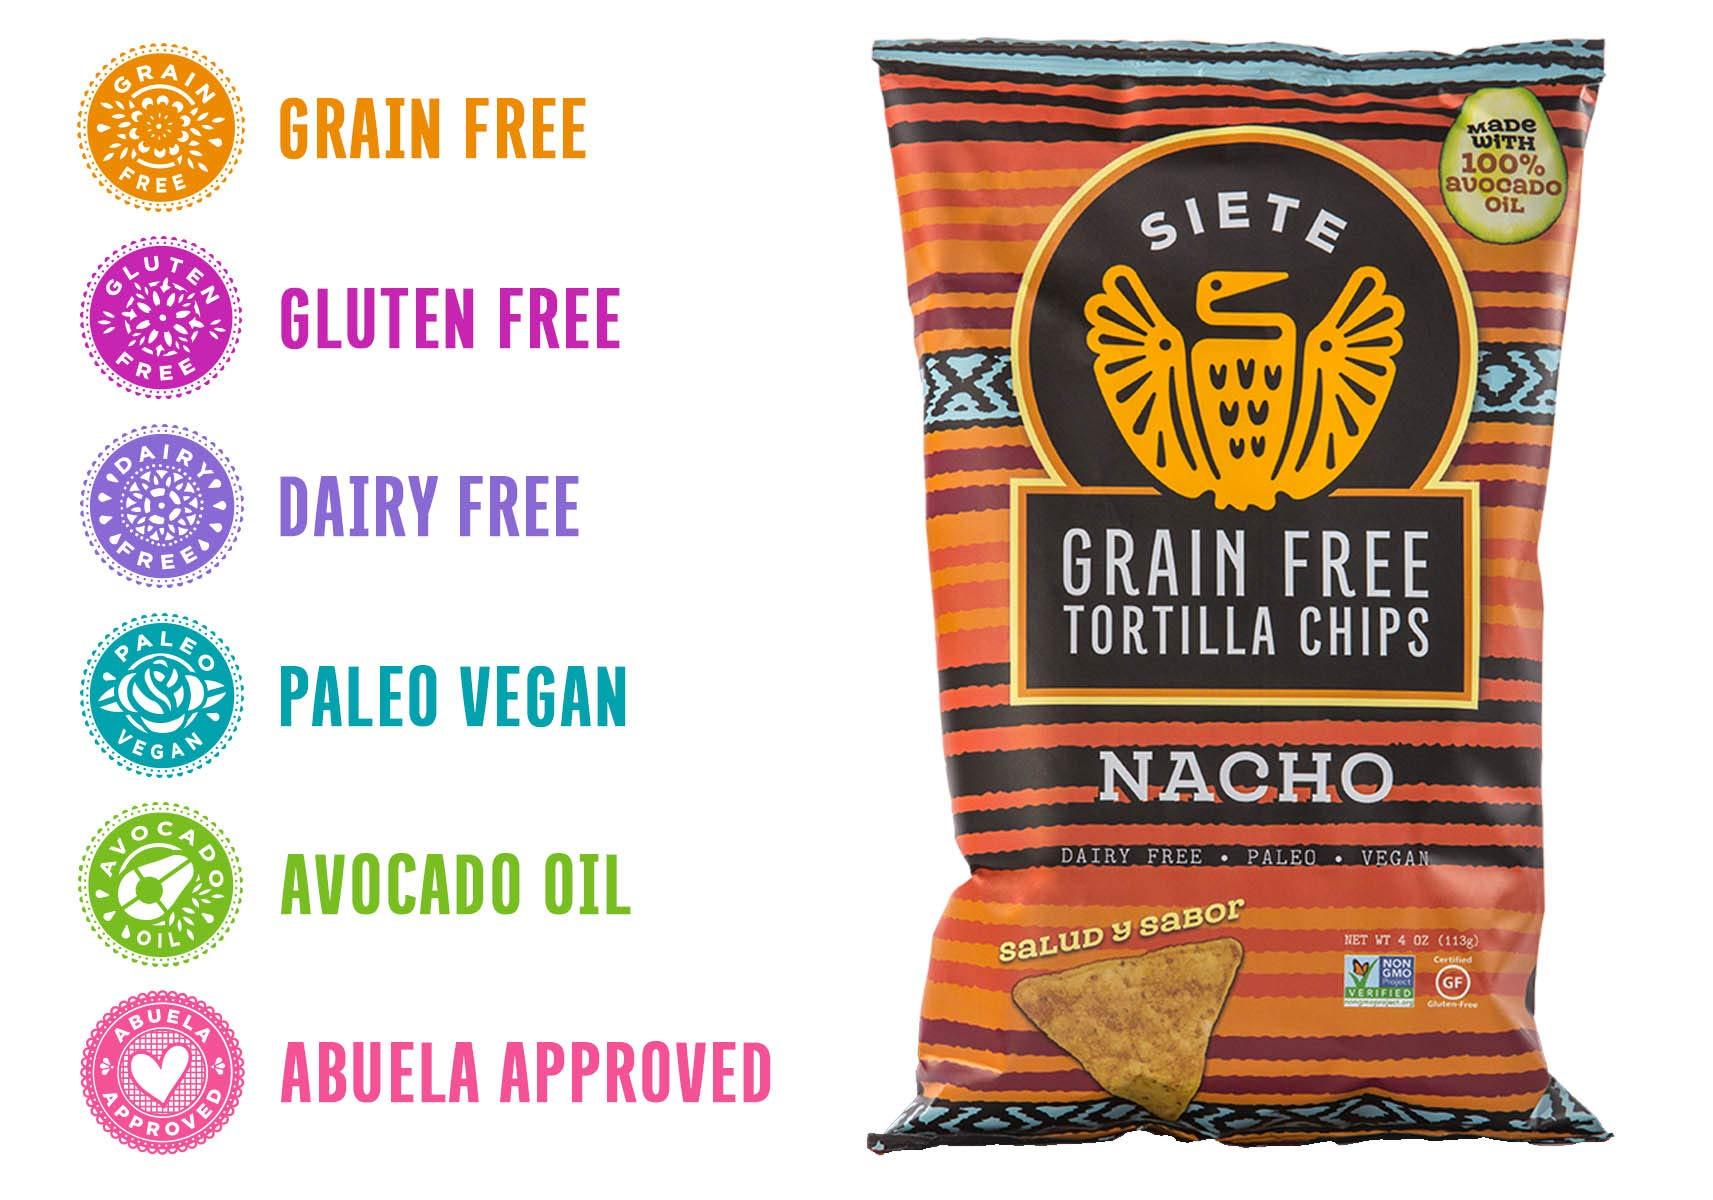 Siete Nacho Grain Free Tortilla Chips, 4 oz bags, 6-Pack by Siete